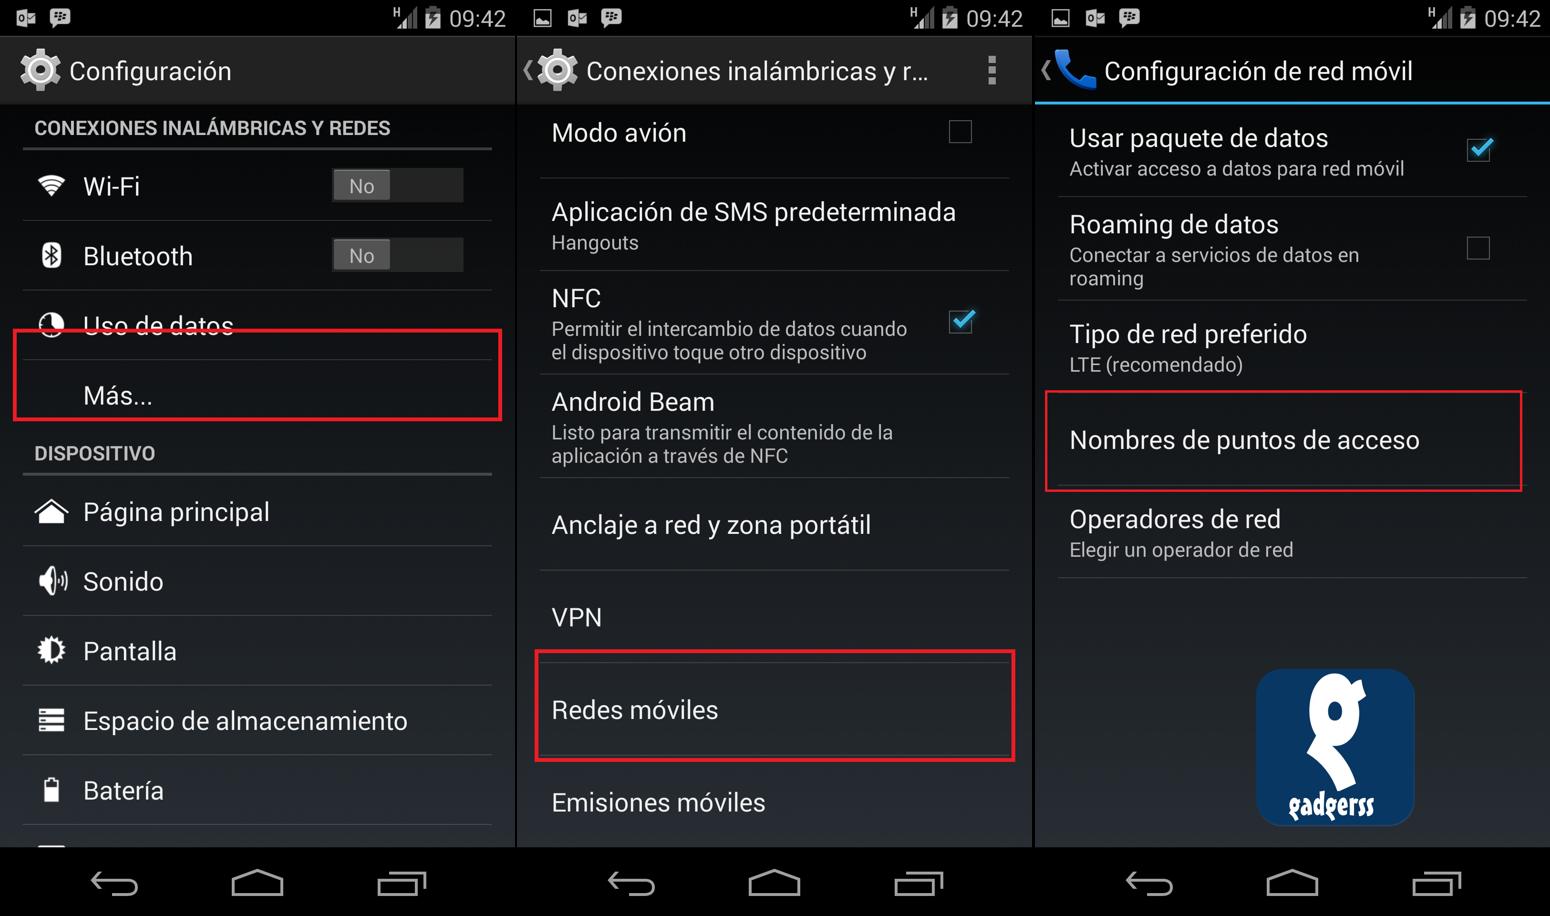 Come configurare l'APN di un dispositivo Samsung? 1